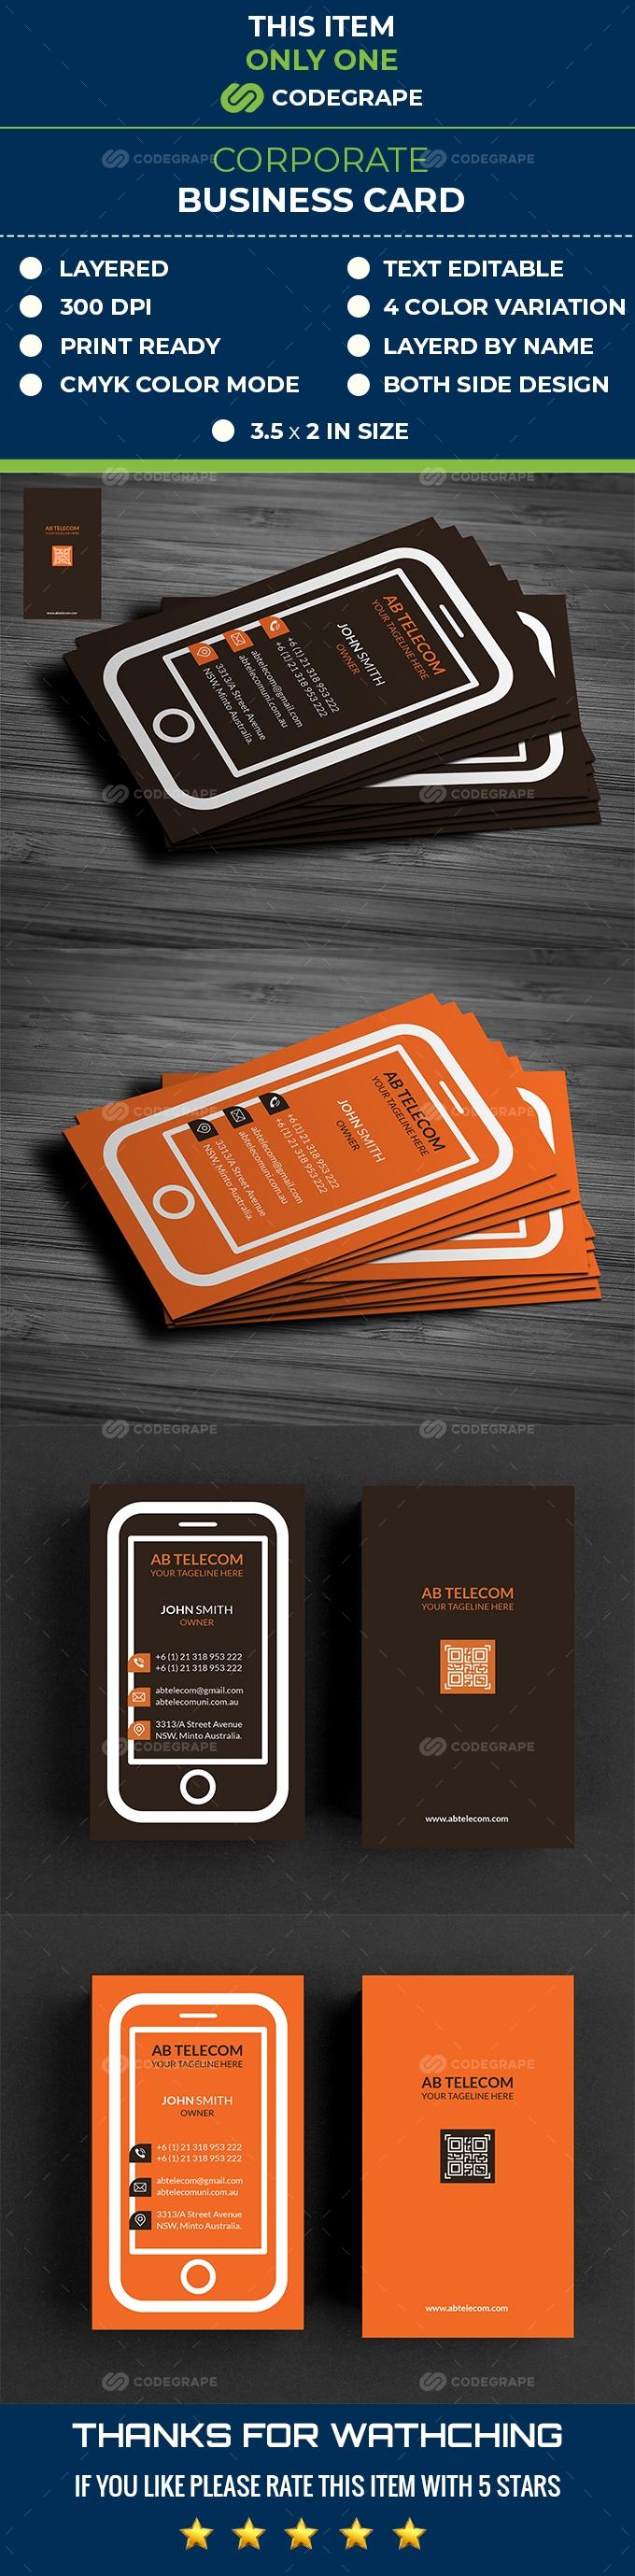 Telecom Business Card